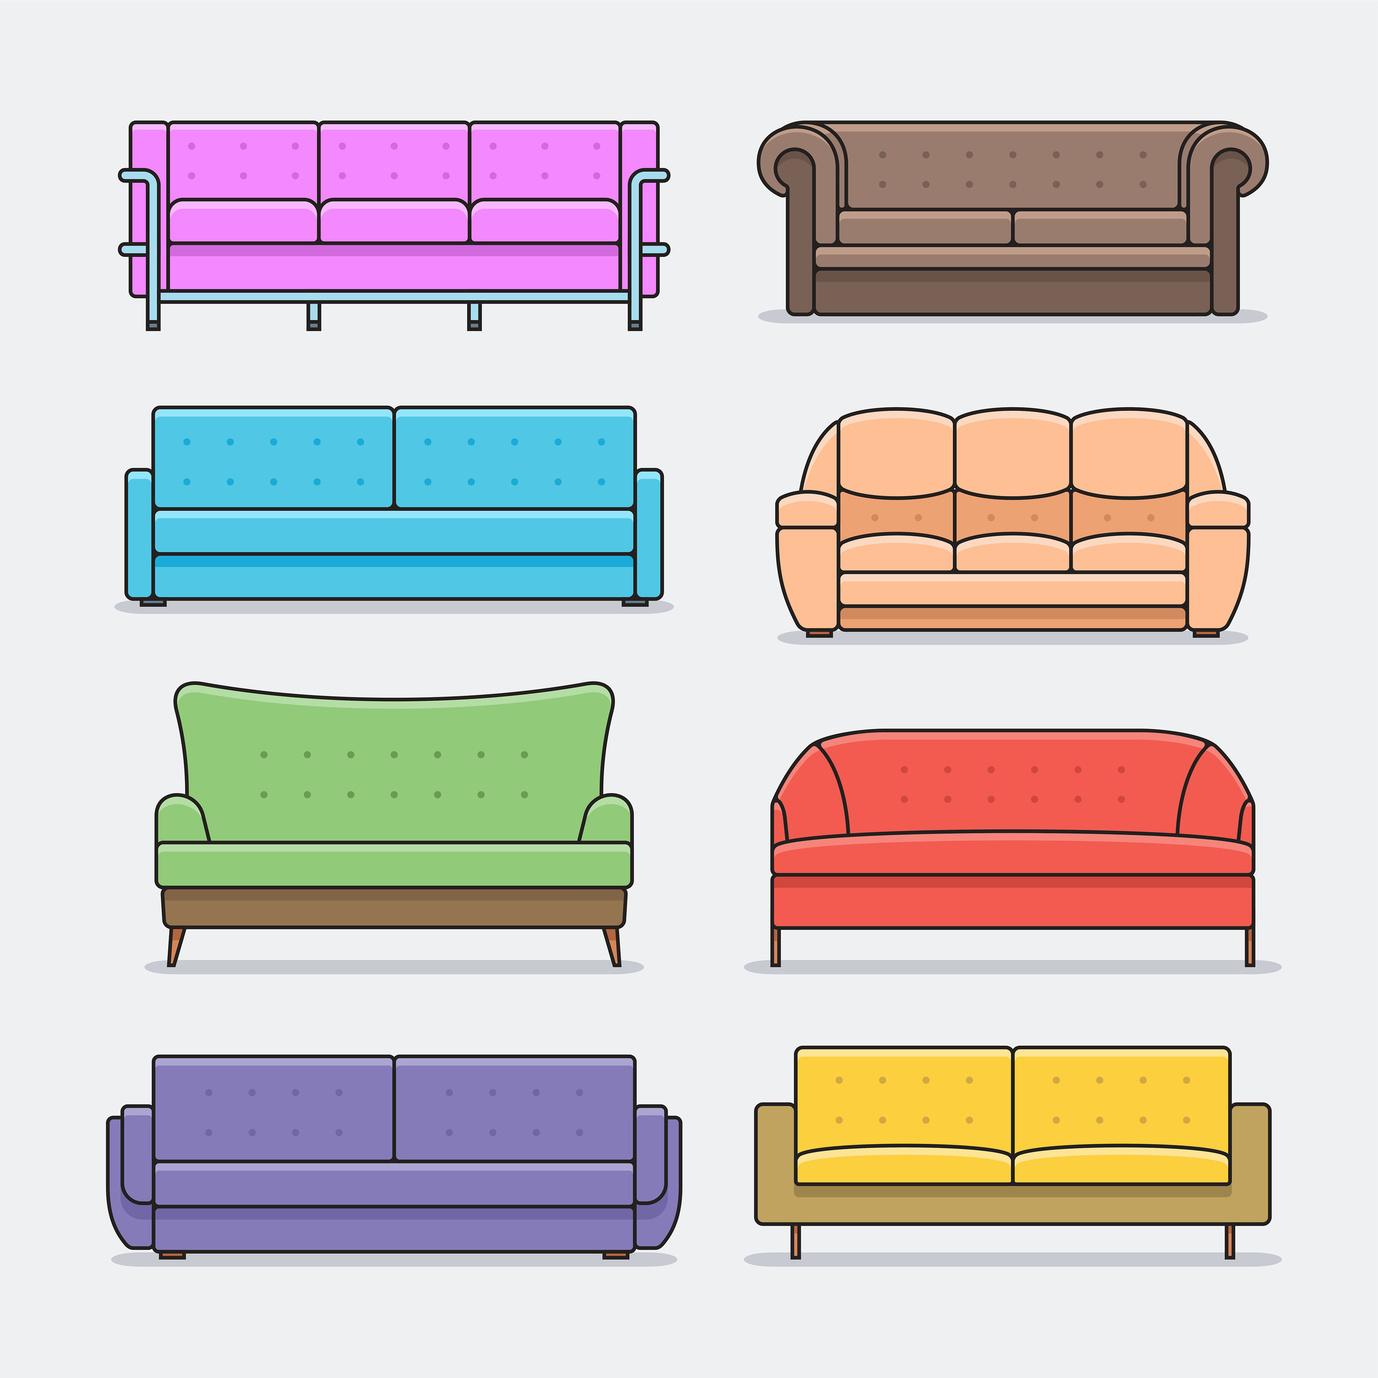 sechs tipps zum sofa kauf wie sie das passende sofa finden. Black Bedroom Furniture Sets. Home Design Ideas